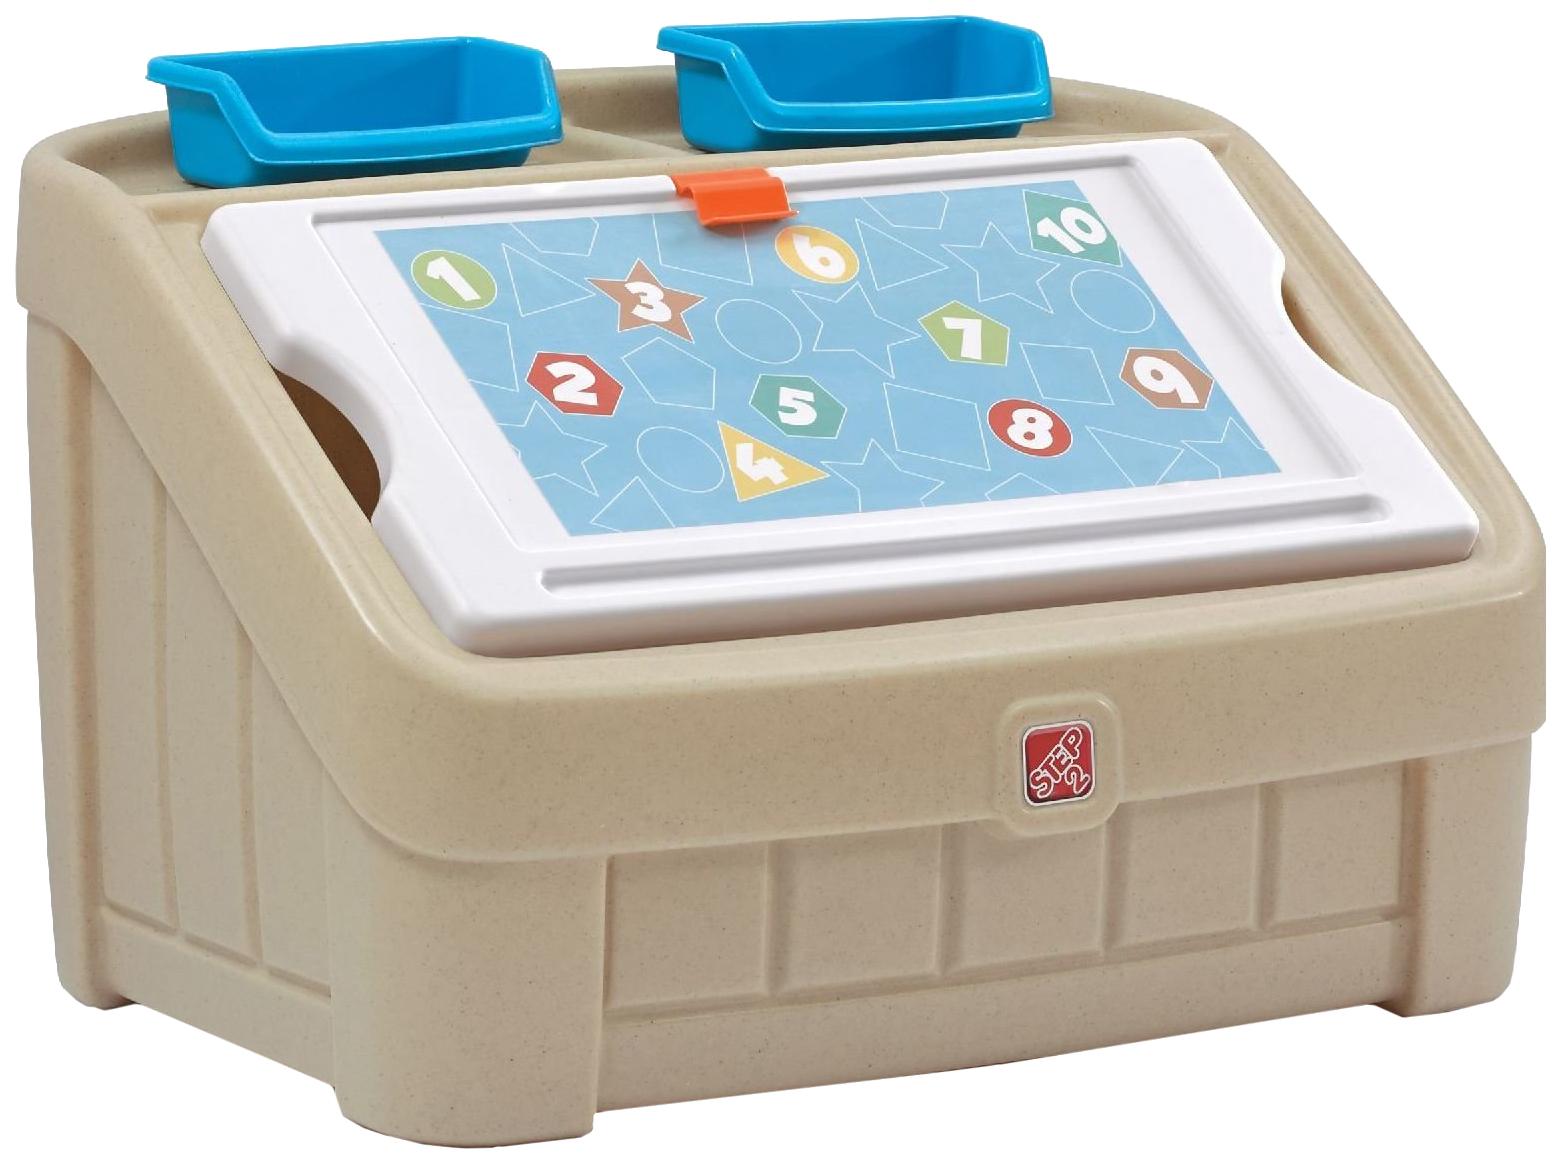 Купить Ящик для хранения игрушек Step 2 Два в одном 845500, Ящики для хранения игрушек